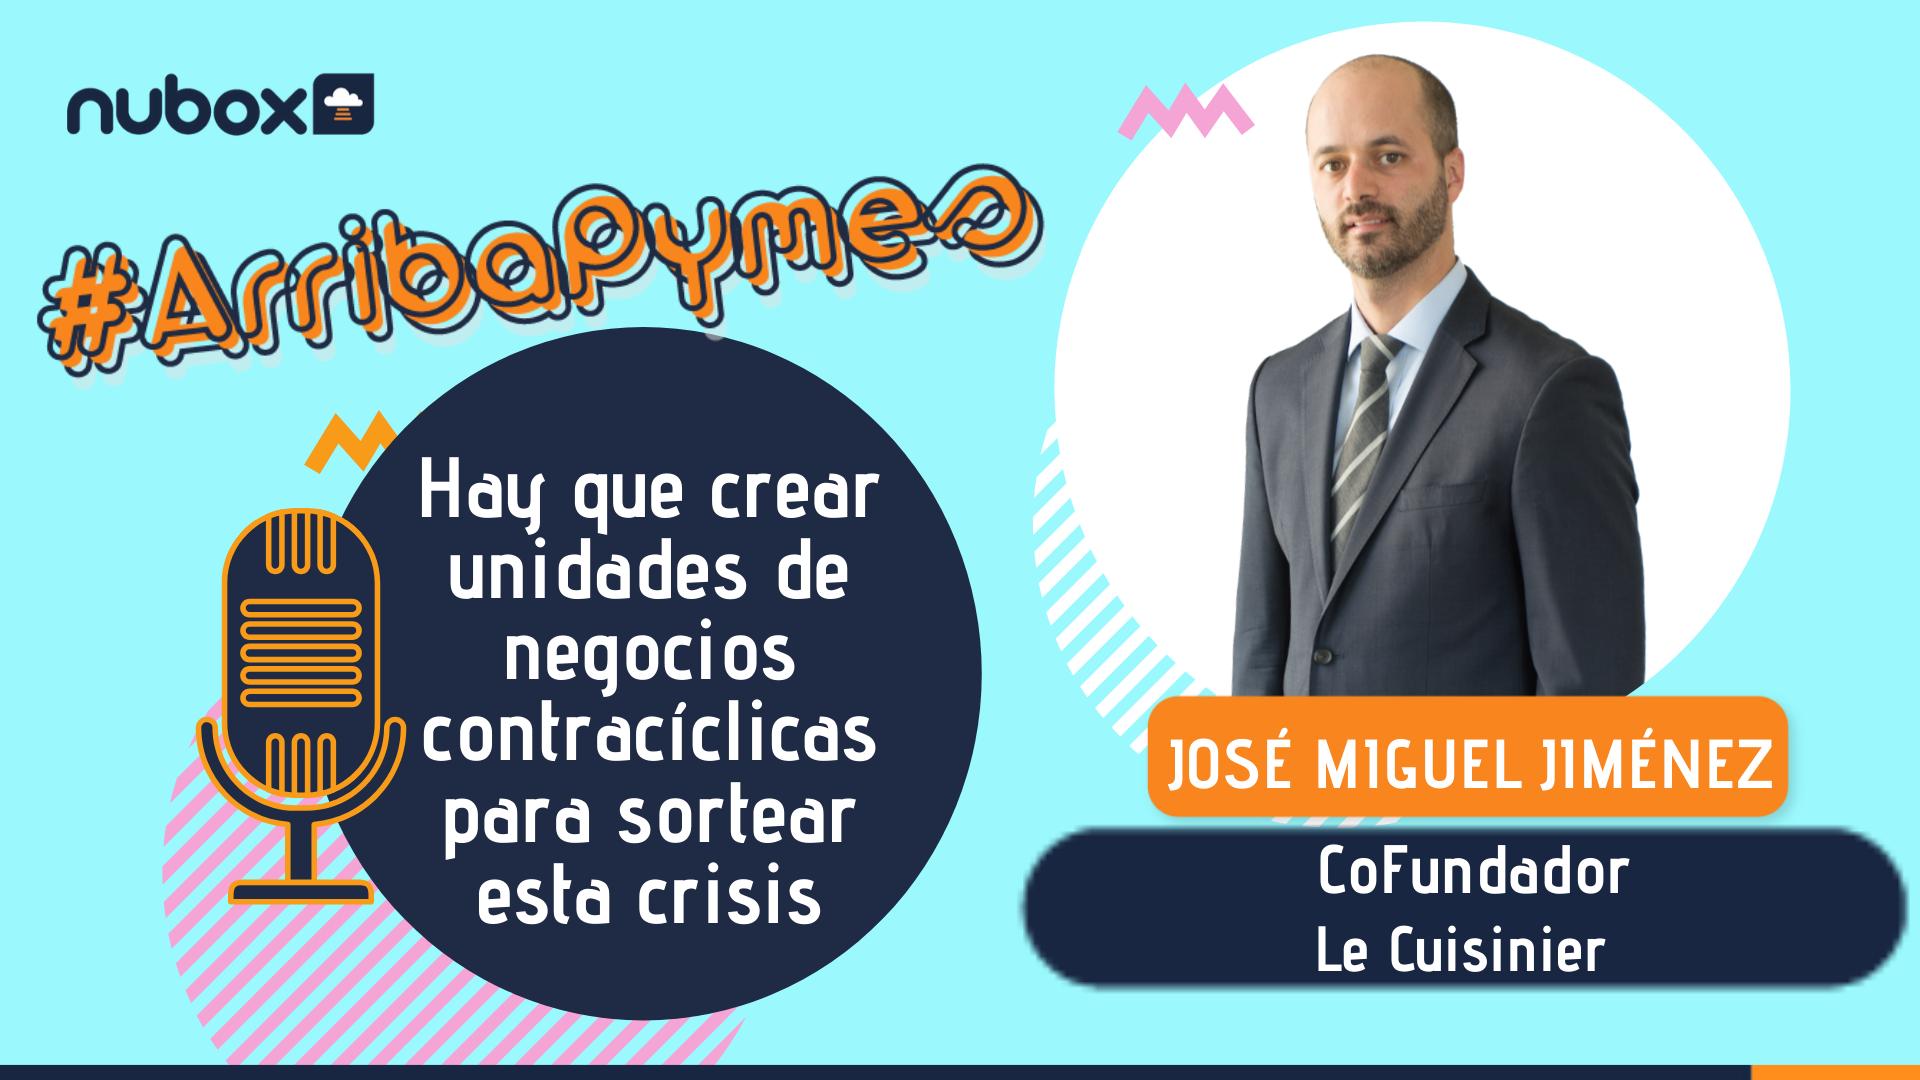 [Podcast #4] José Miguel Jiménez: Hay que crear unidades de negocio contracíclicas para sortear esta crisis